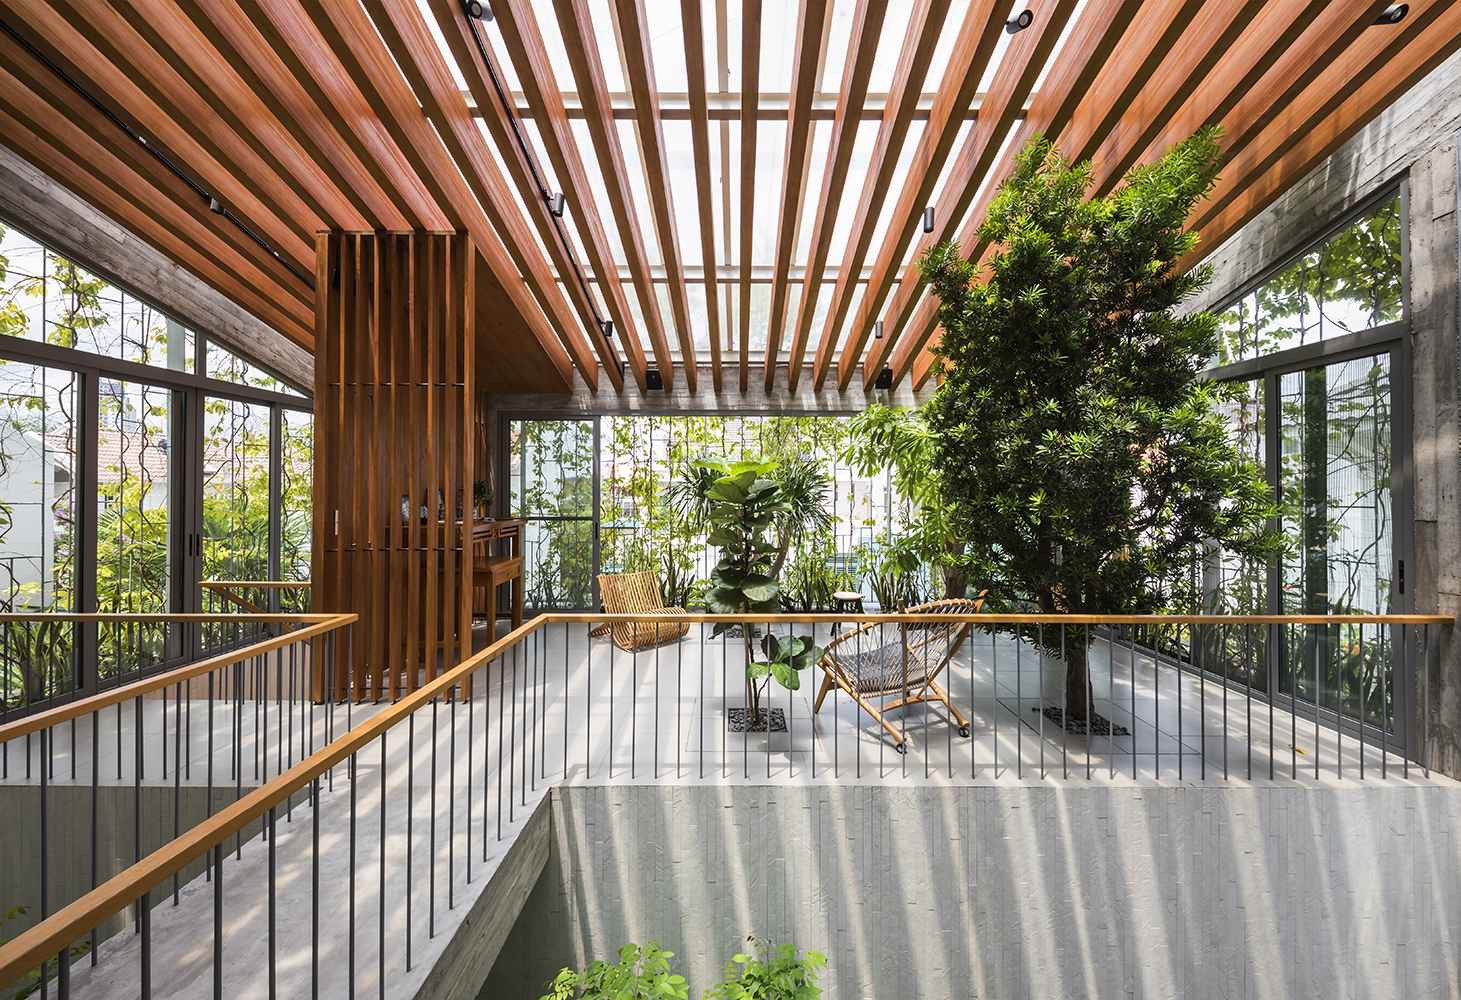 z2613845032399 37c629d2eef8f02 7053 5661 1627182099 - 'Khu rừng nhiệt đới' 252 m2 kết hợp cây xanh vào không gian nội thất